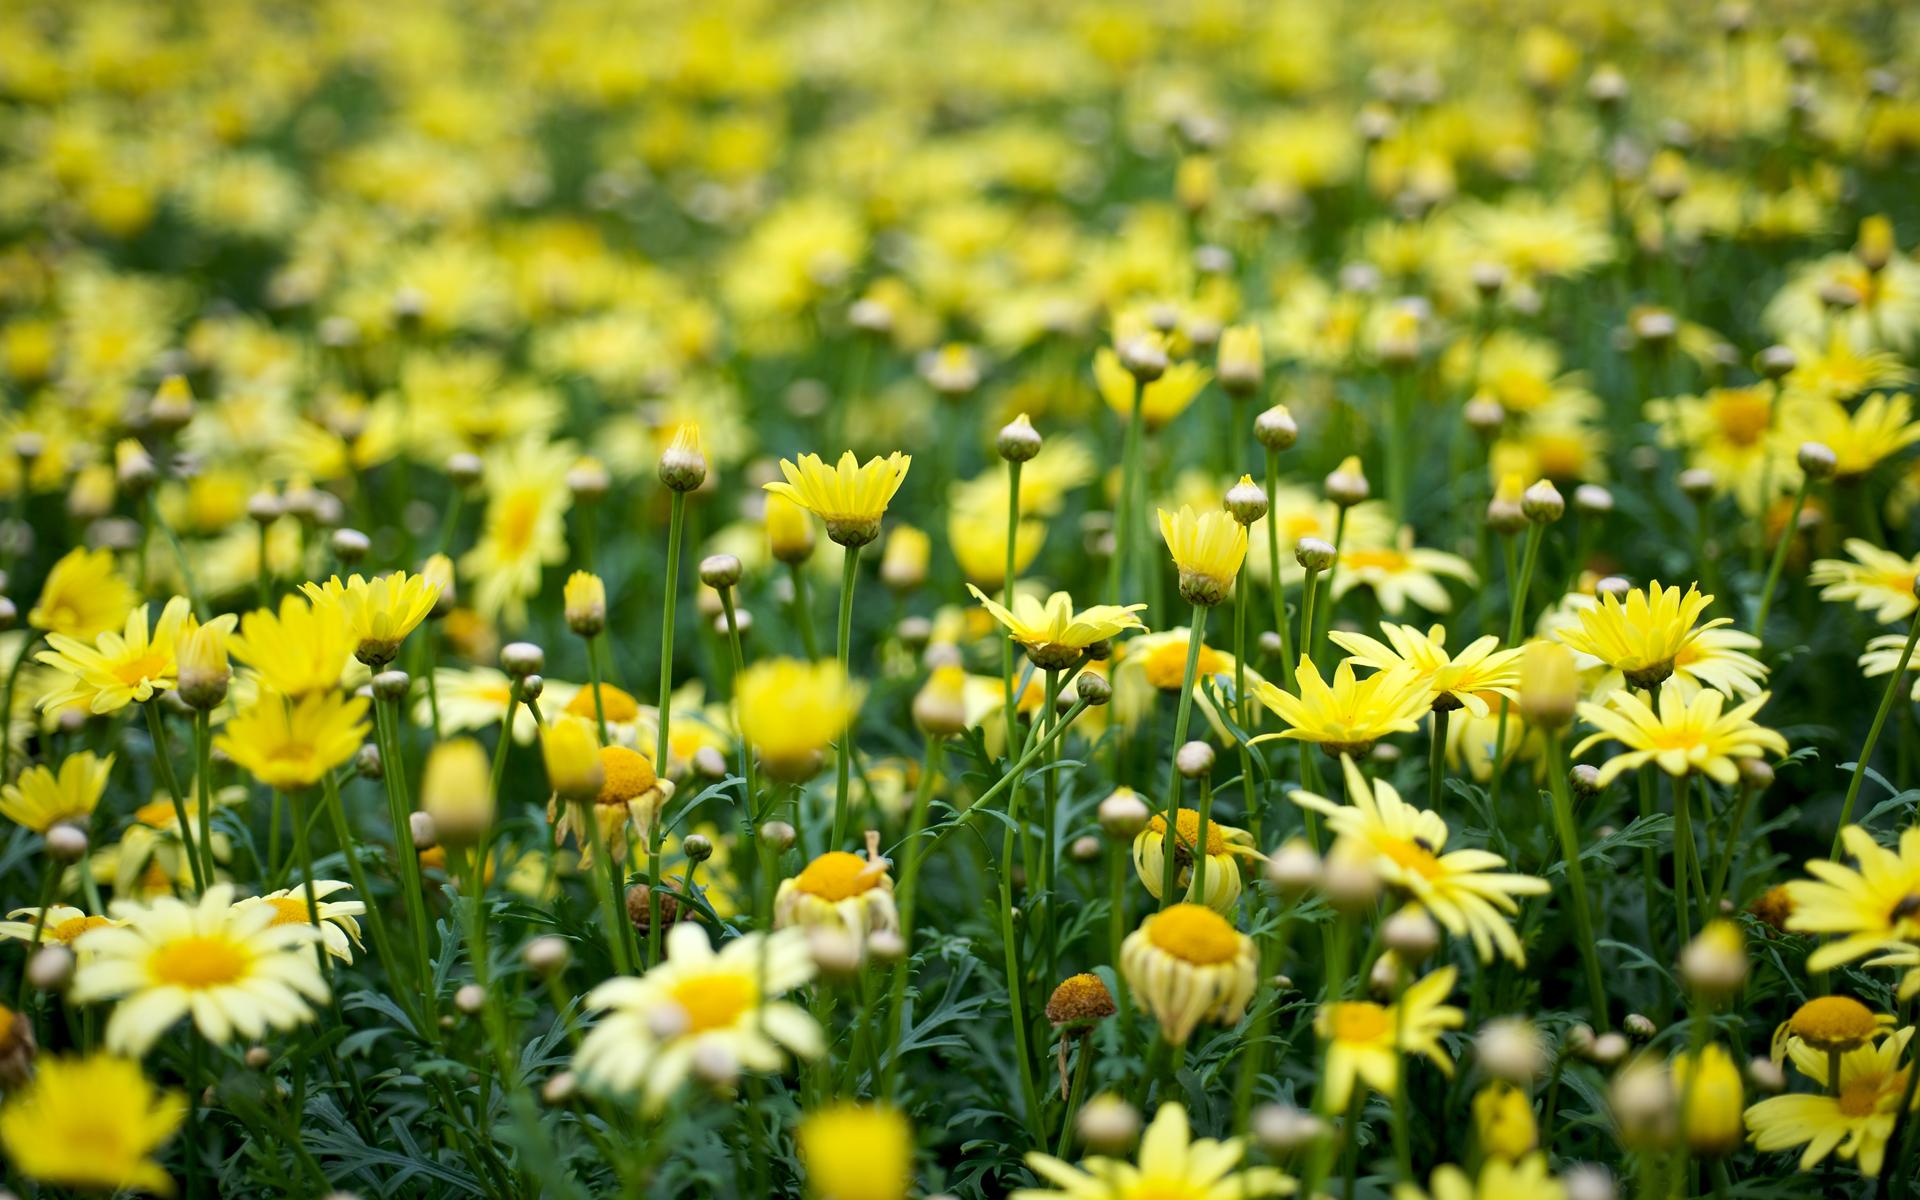 Yellow flowers wallpaper 10 desktop wallpaper hdflowerwallpaper yellow flowers wallpaper hd wallpaper mightylinksfo